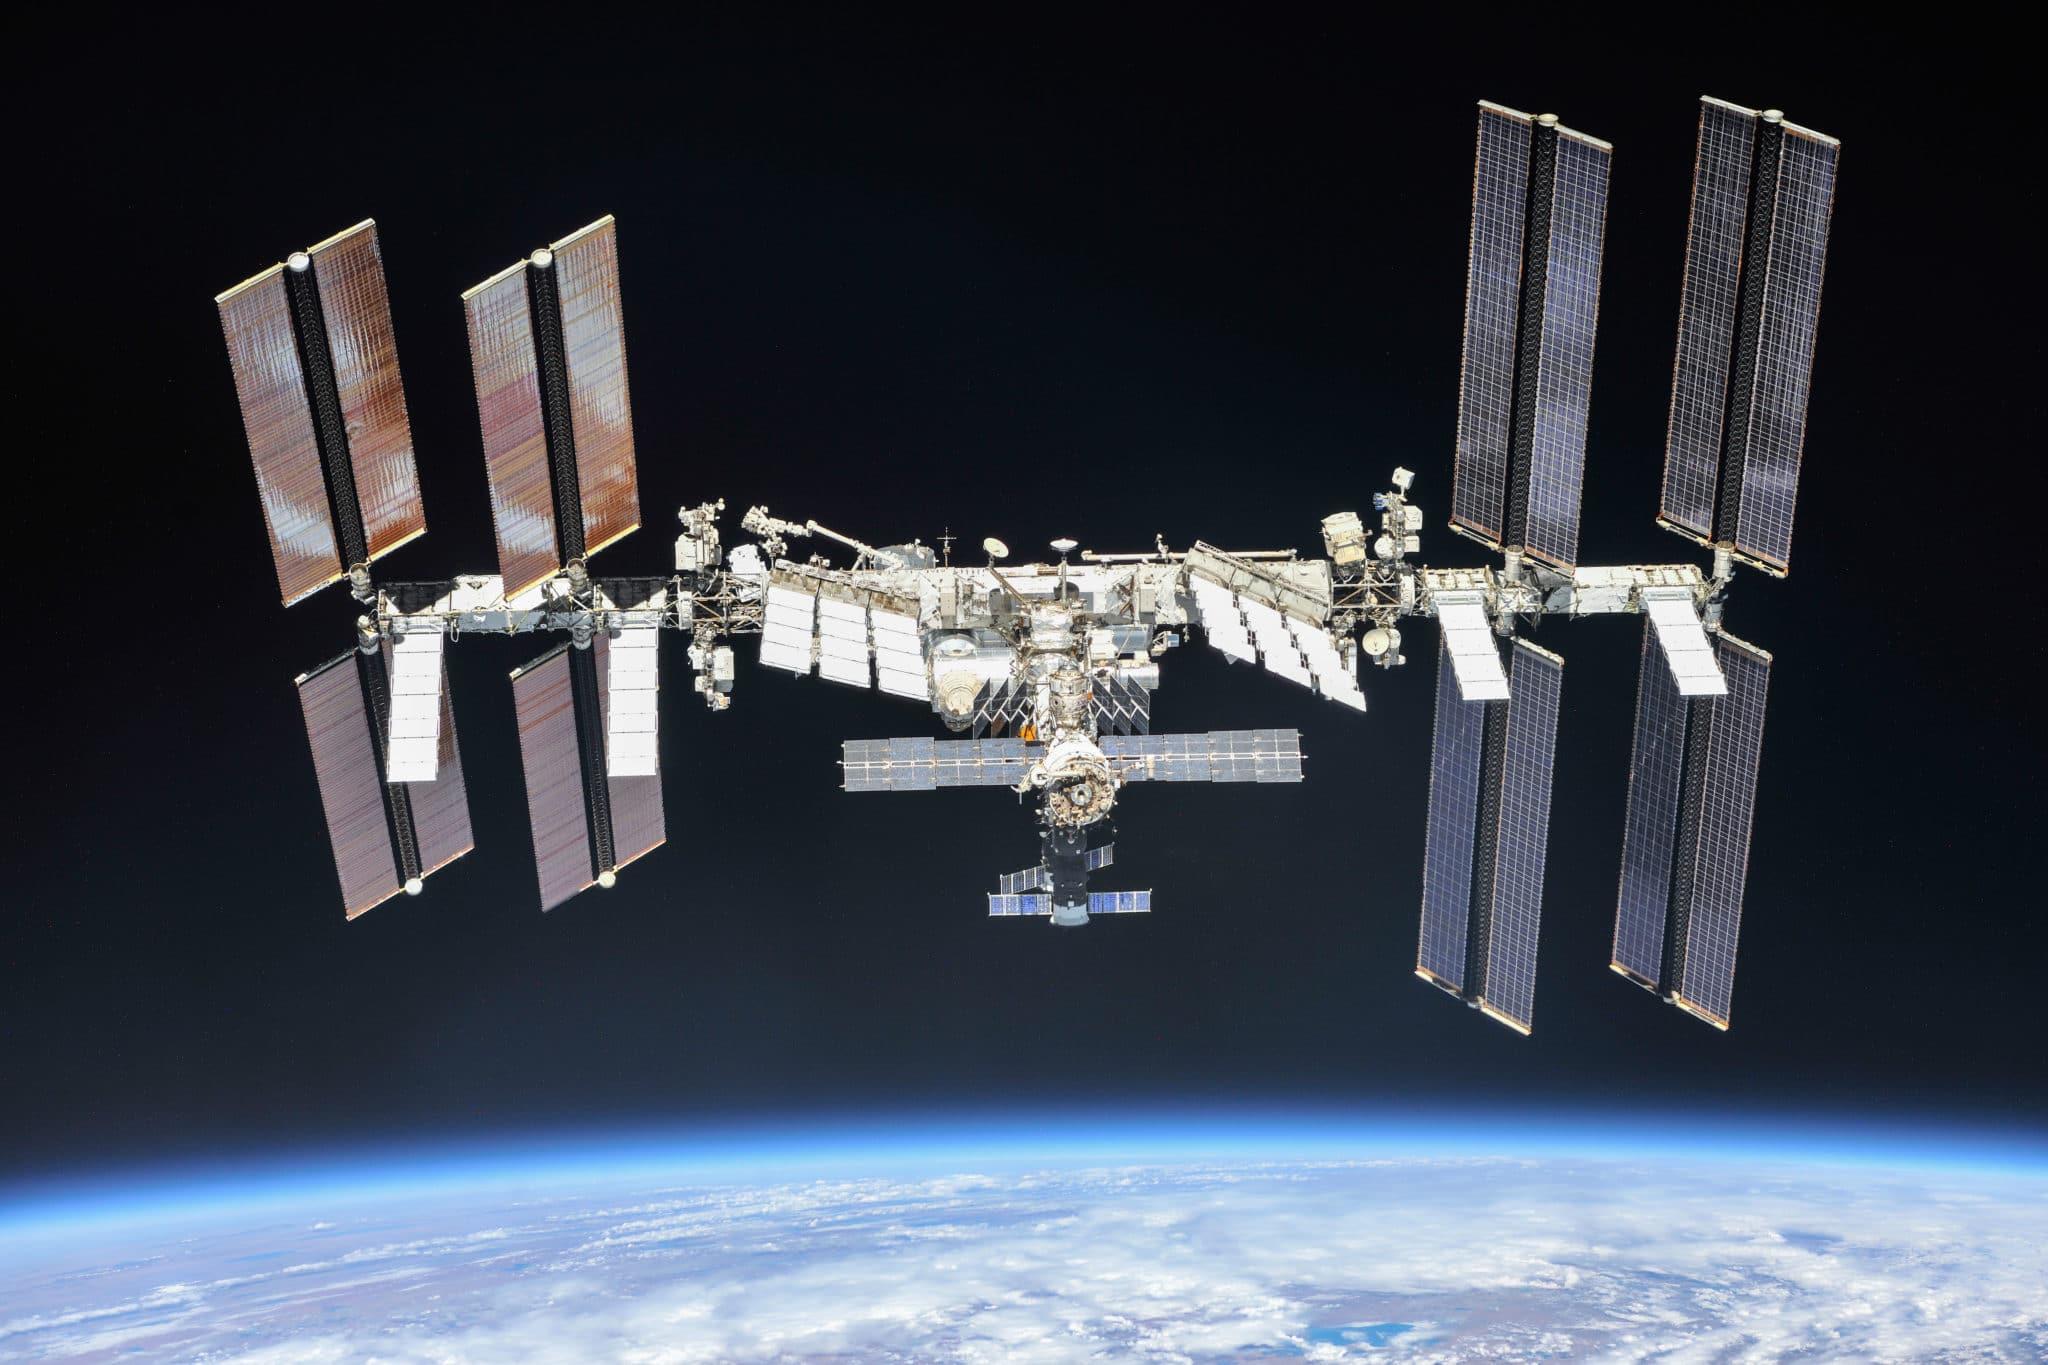 ISS von Bord einer Sojus Kapsel nach deren Abdocken (Quelle: NASA/Roskosmos)